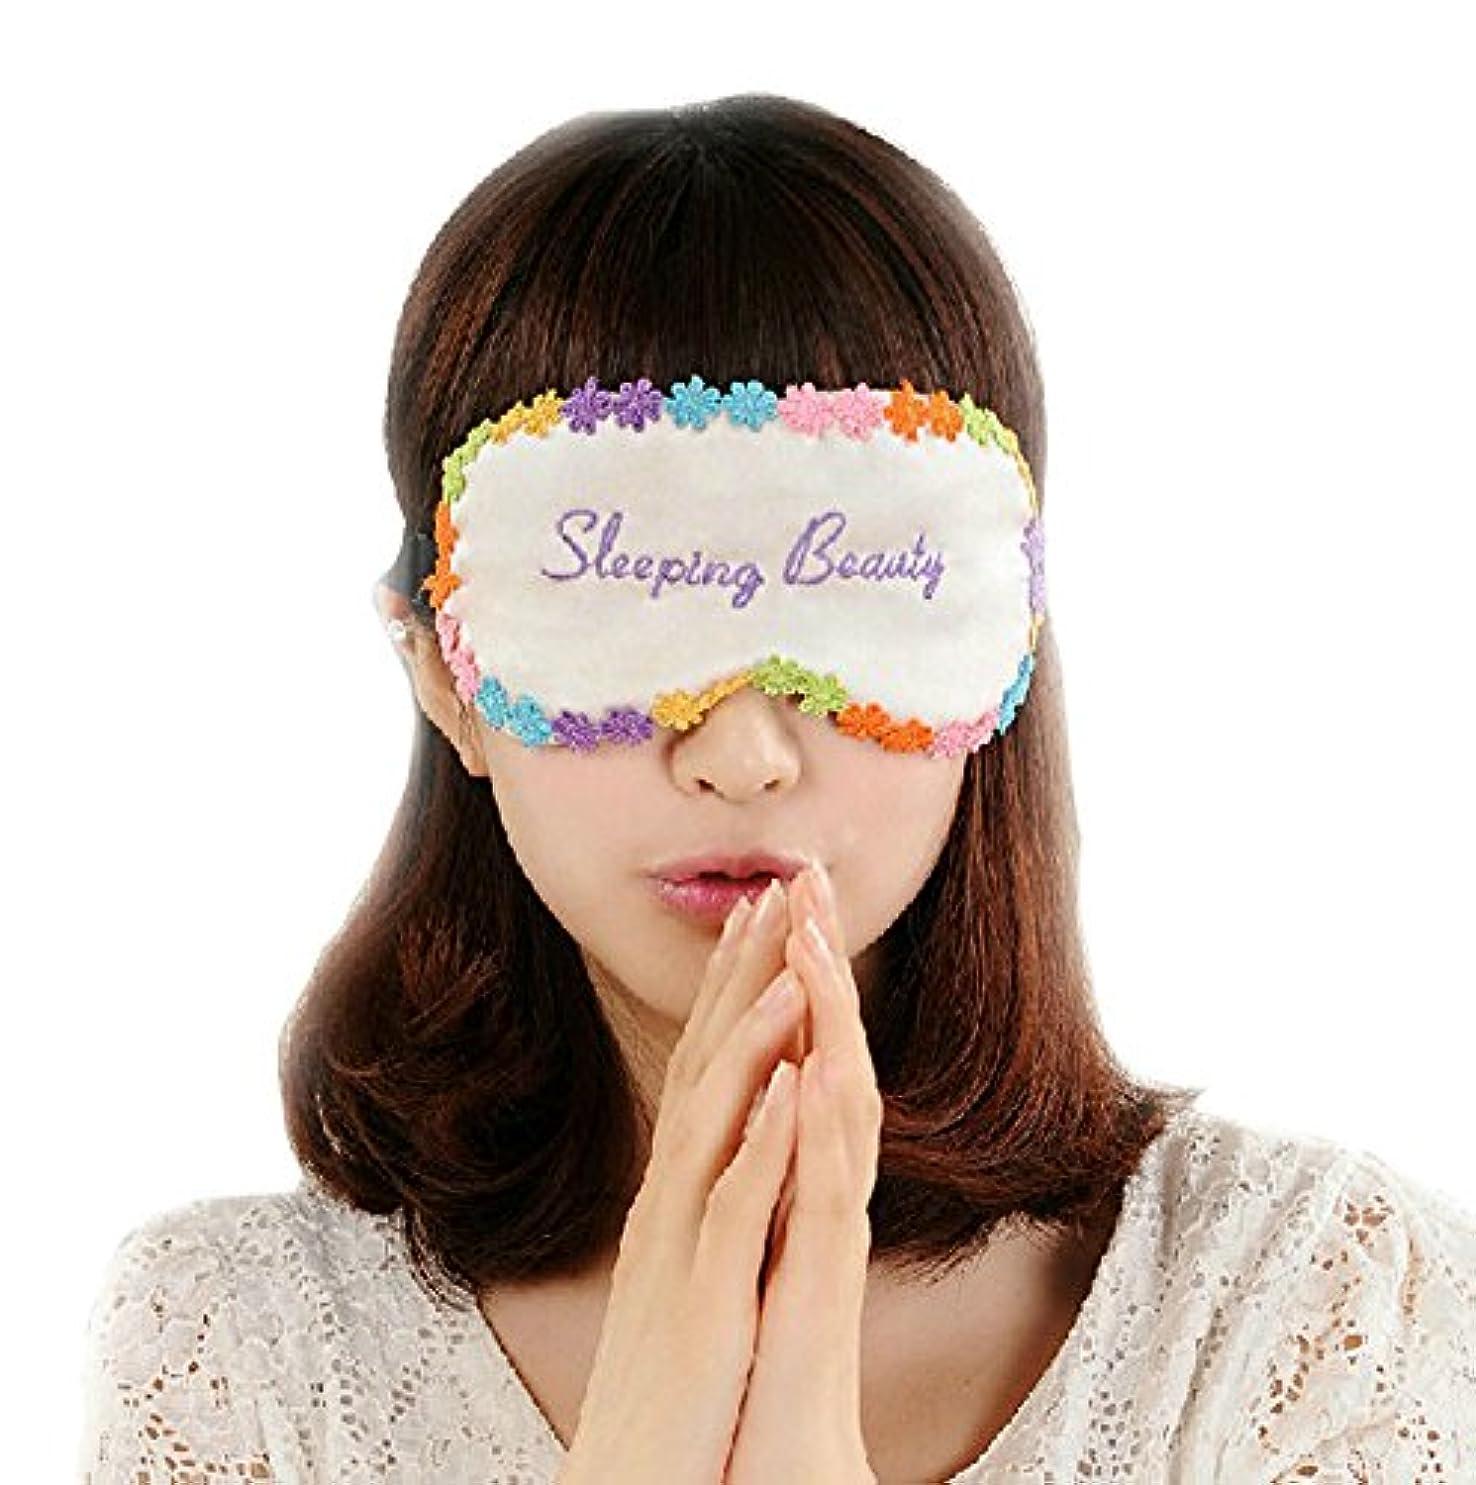 経験適切に憎しみダブルサイドシルクアイシェッド睡眠アイマスク美しいソフトアイマスク